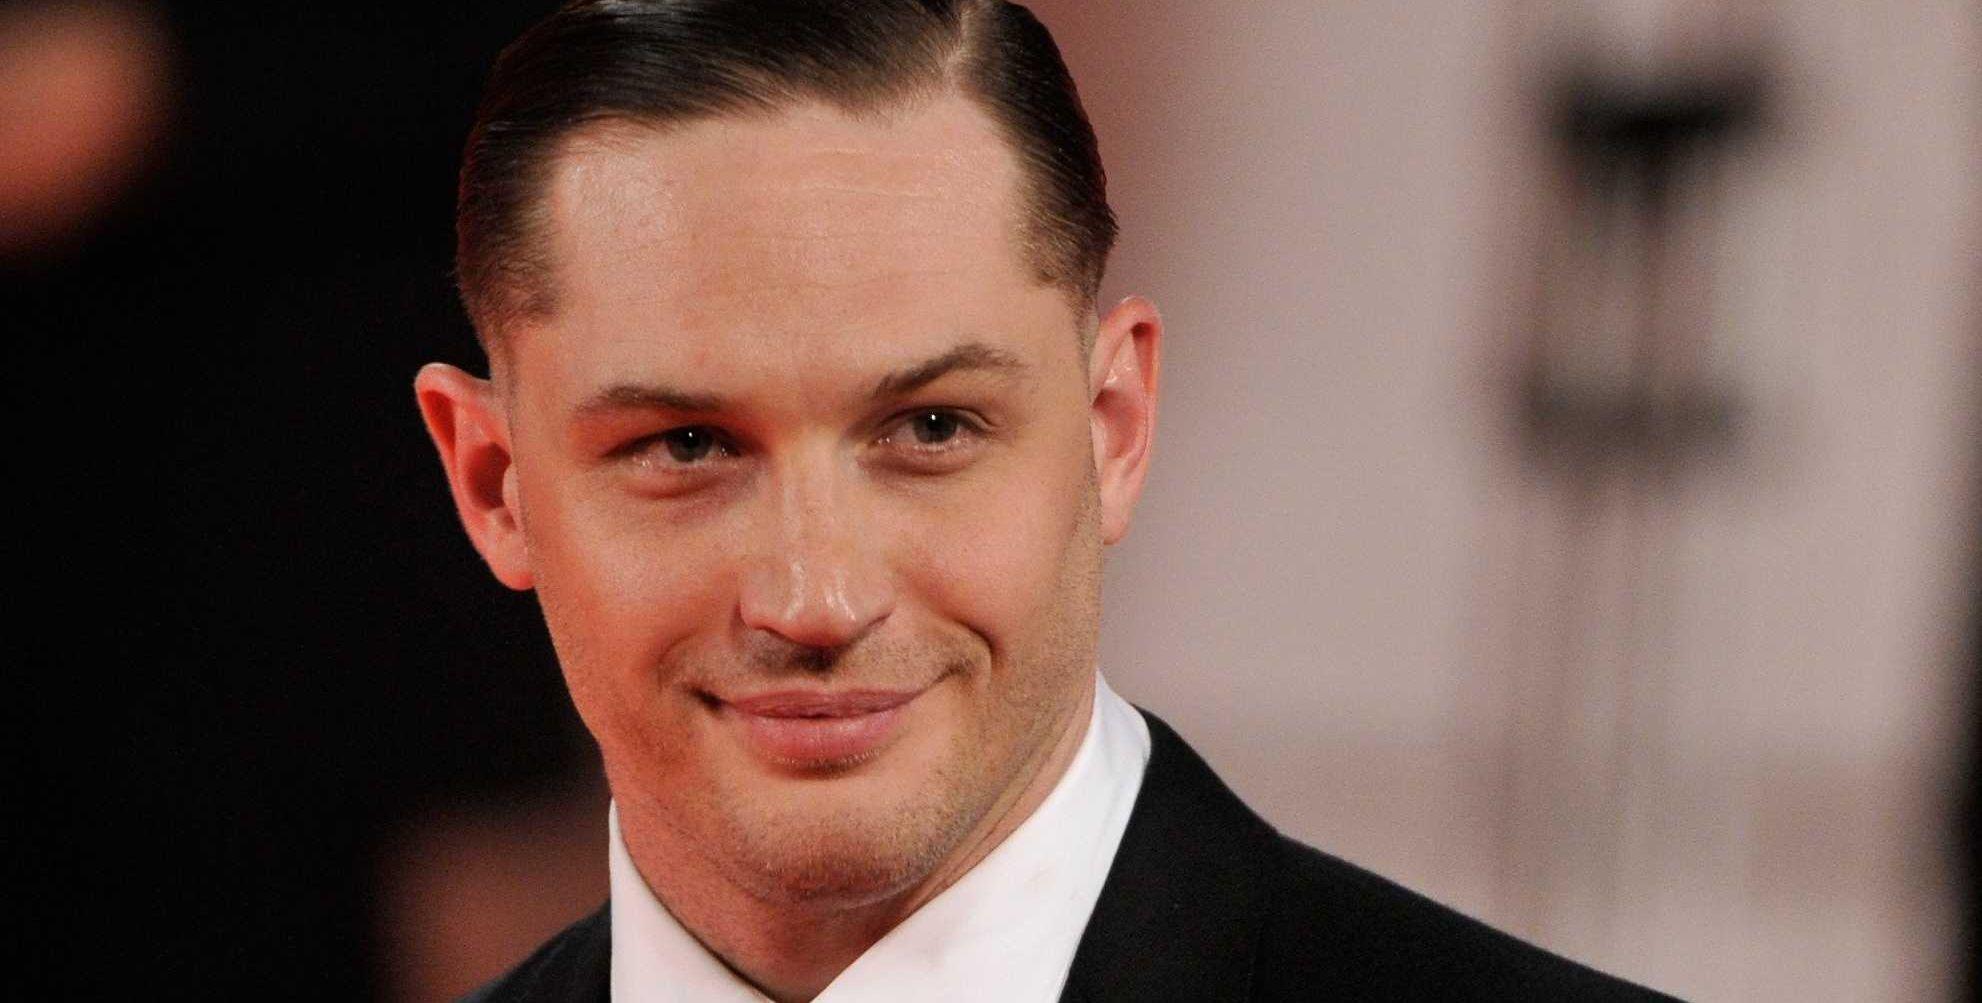 Tom Hardy joins Kathryn Bigelow for terrorist drama, 'True American'